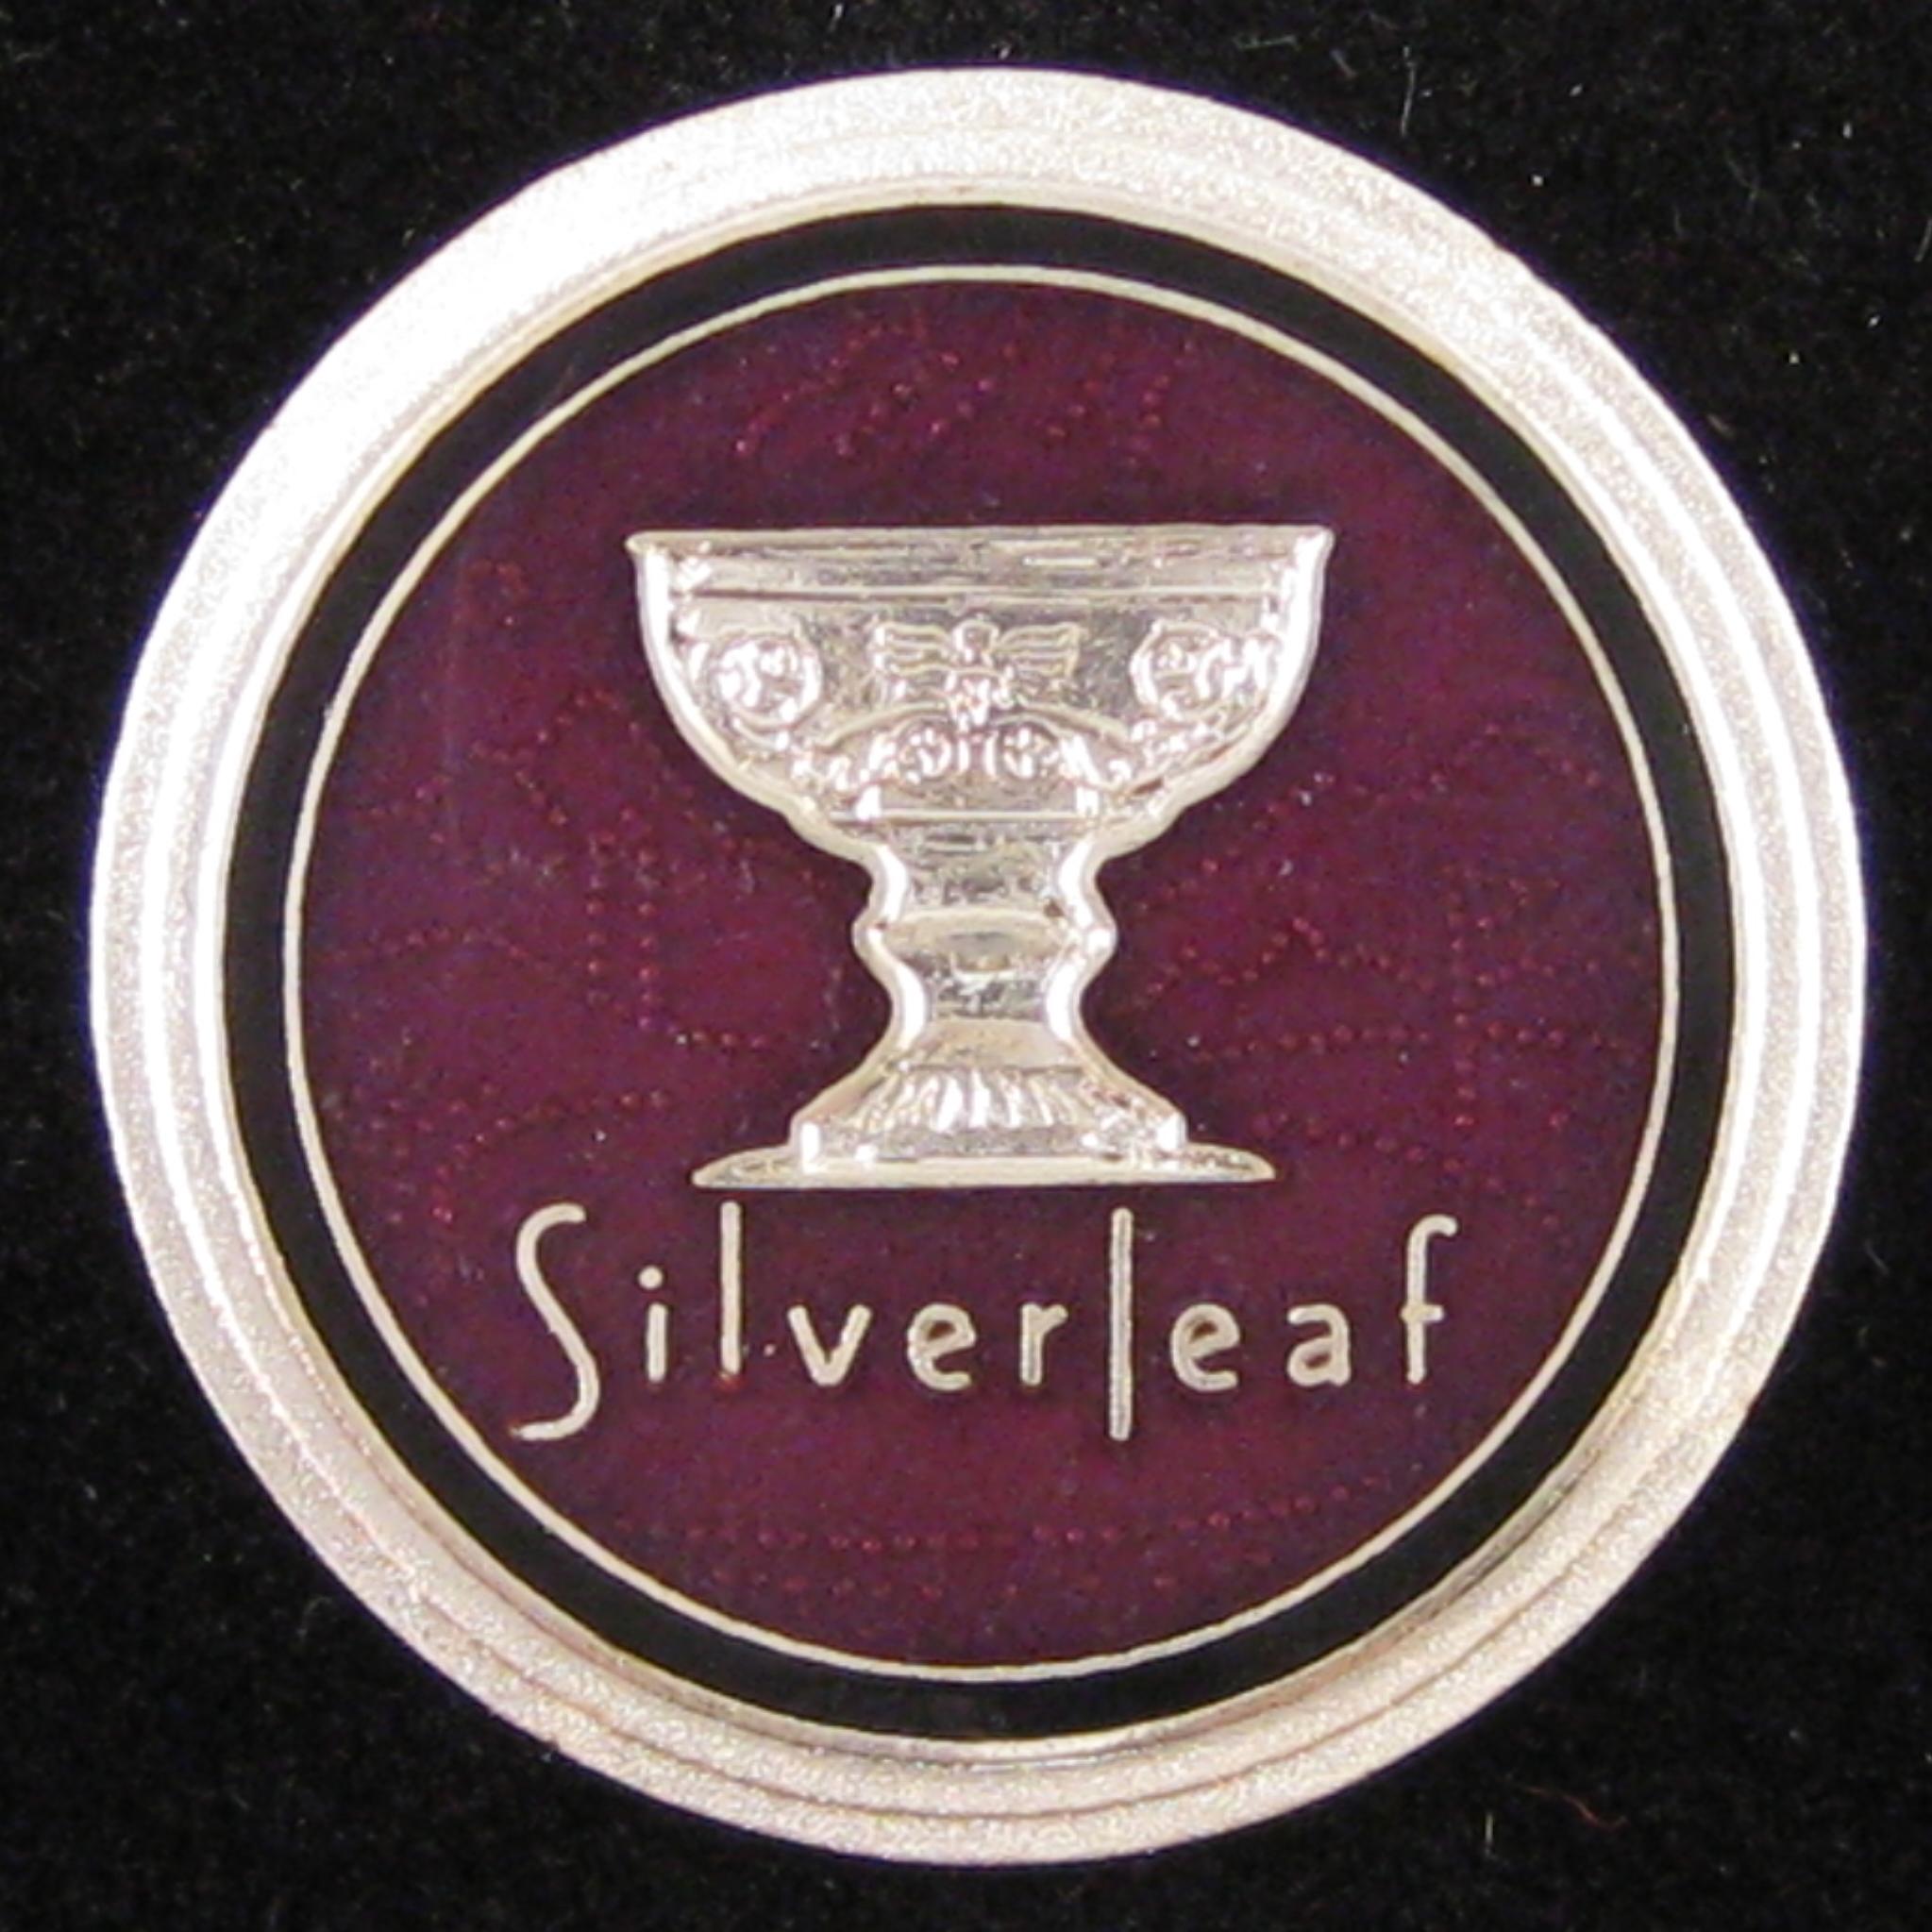 Silverleaf - Front Purple